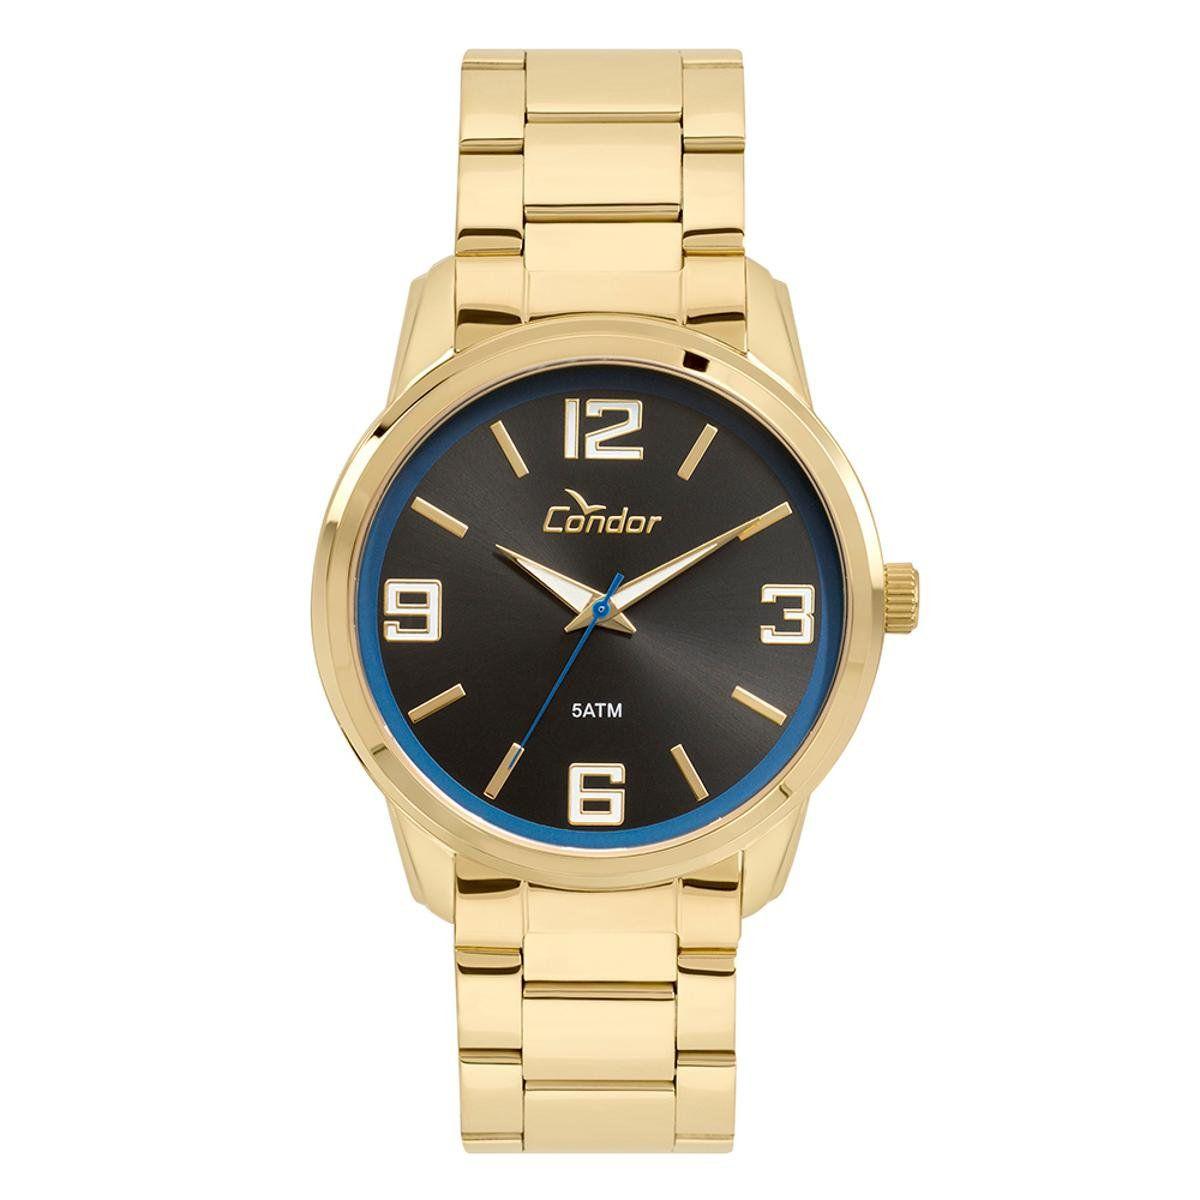 Relógio Condor Masculino Dourado Analógico CO2035KWT/4P